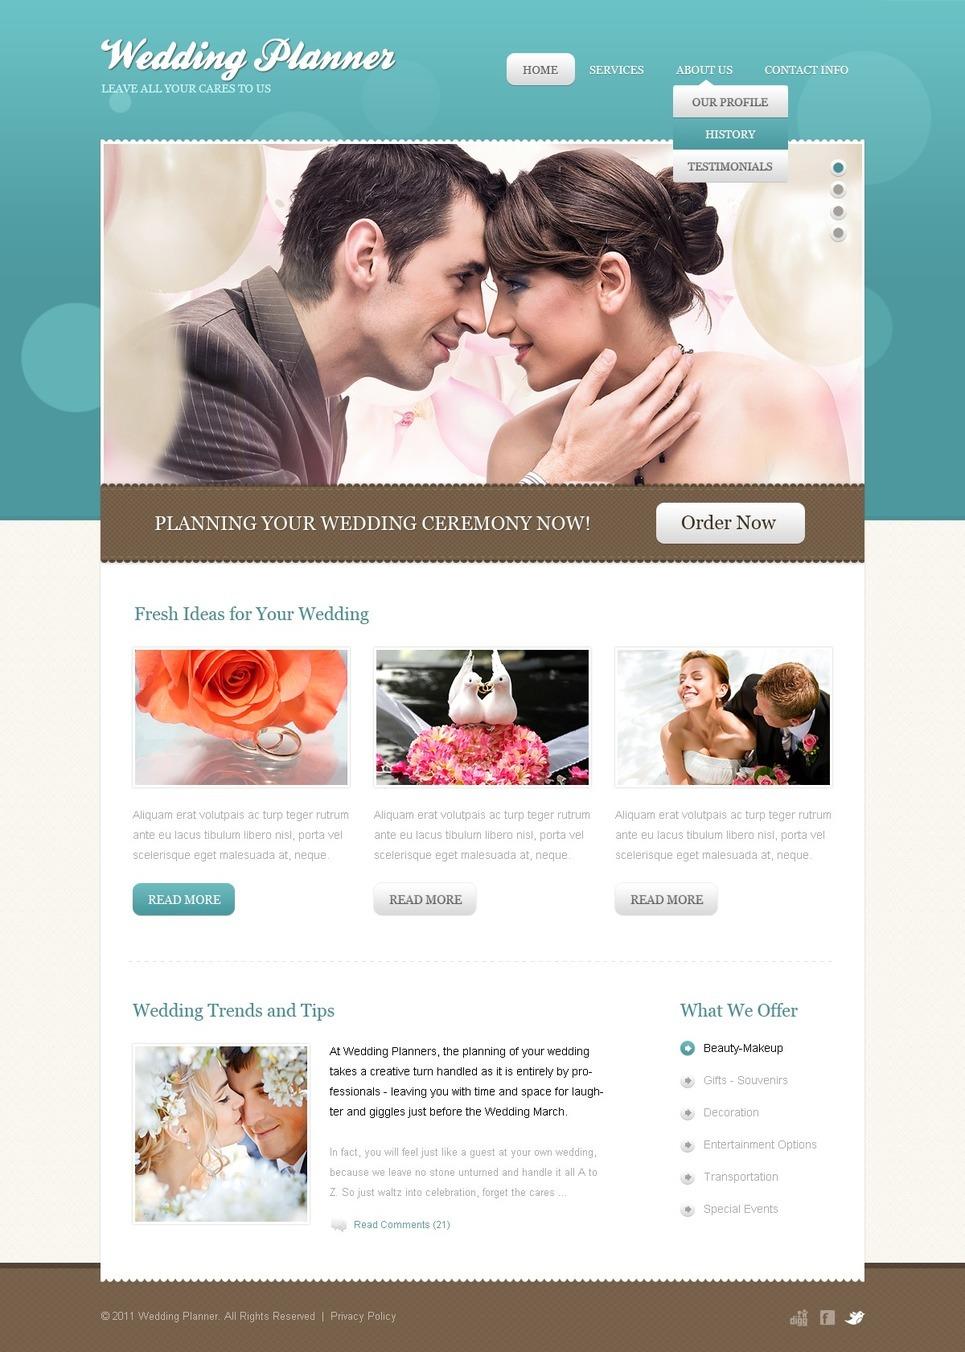 Wedding Planner PSD Template New Screenshots BIG